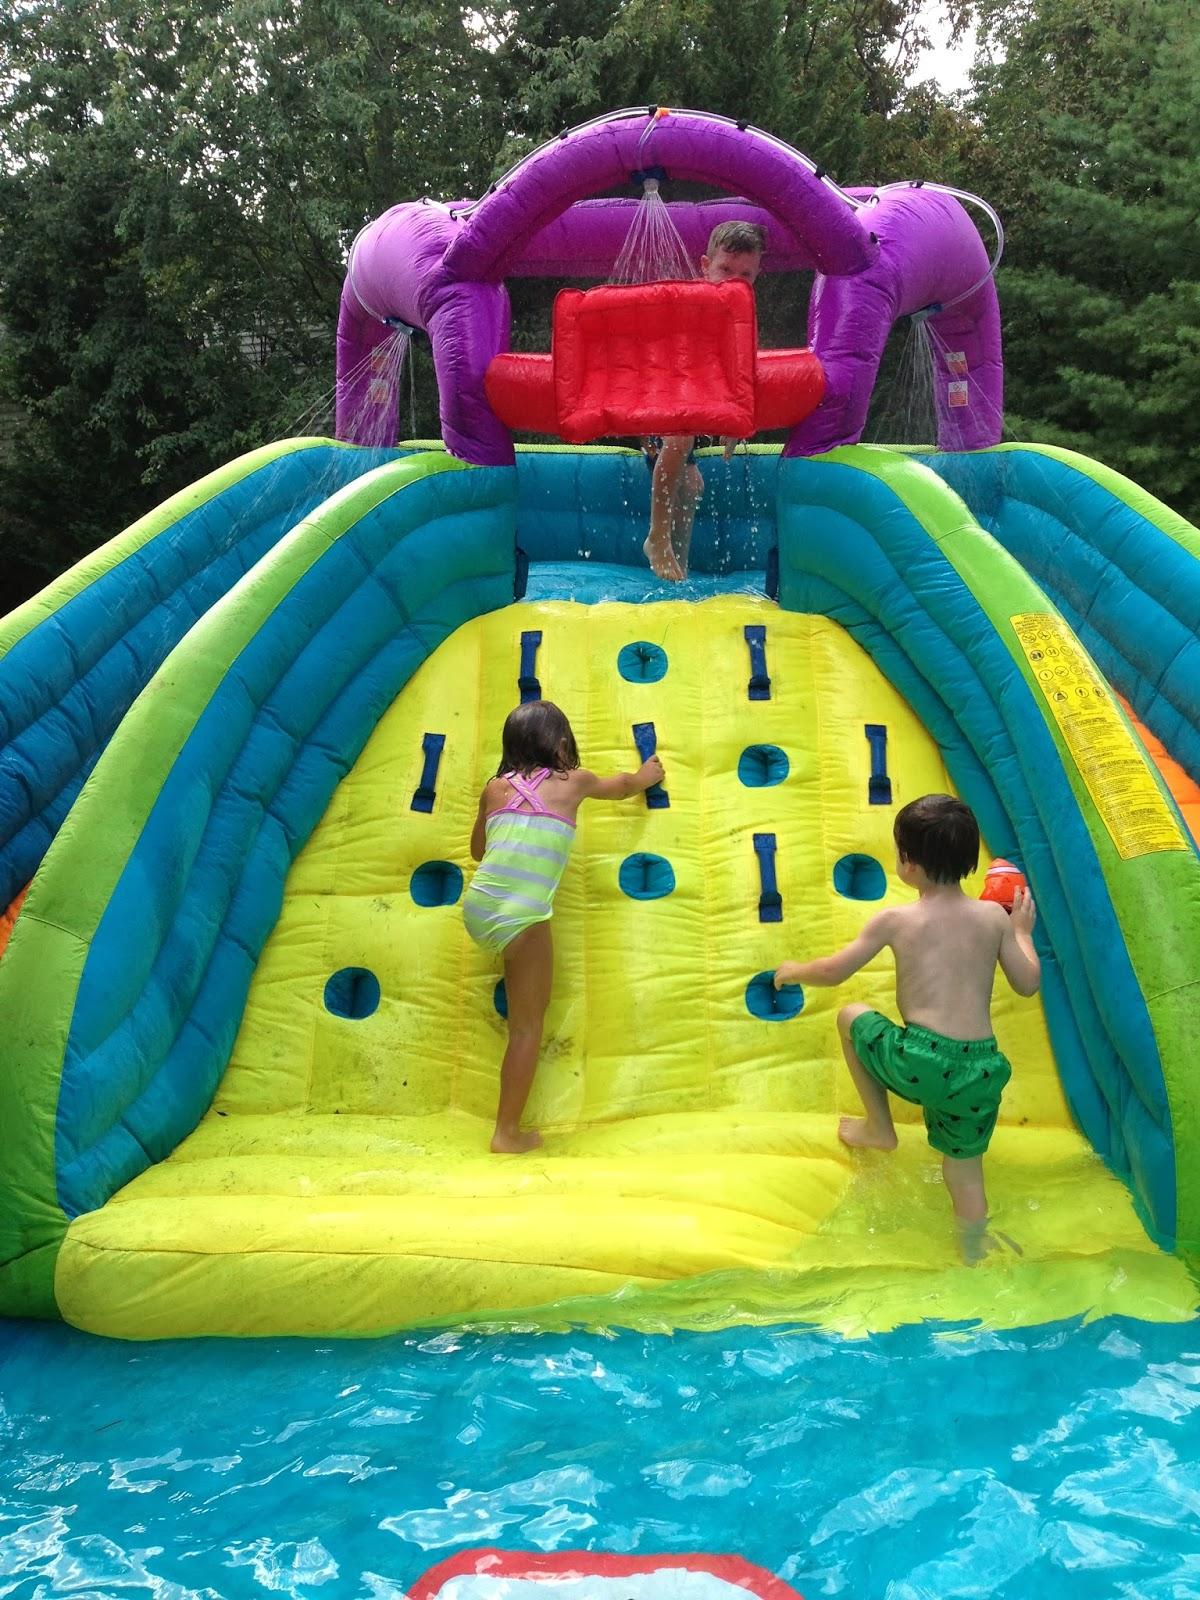 Liddy Cakes A Splish Splash Birthday Party